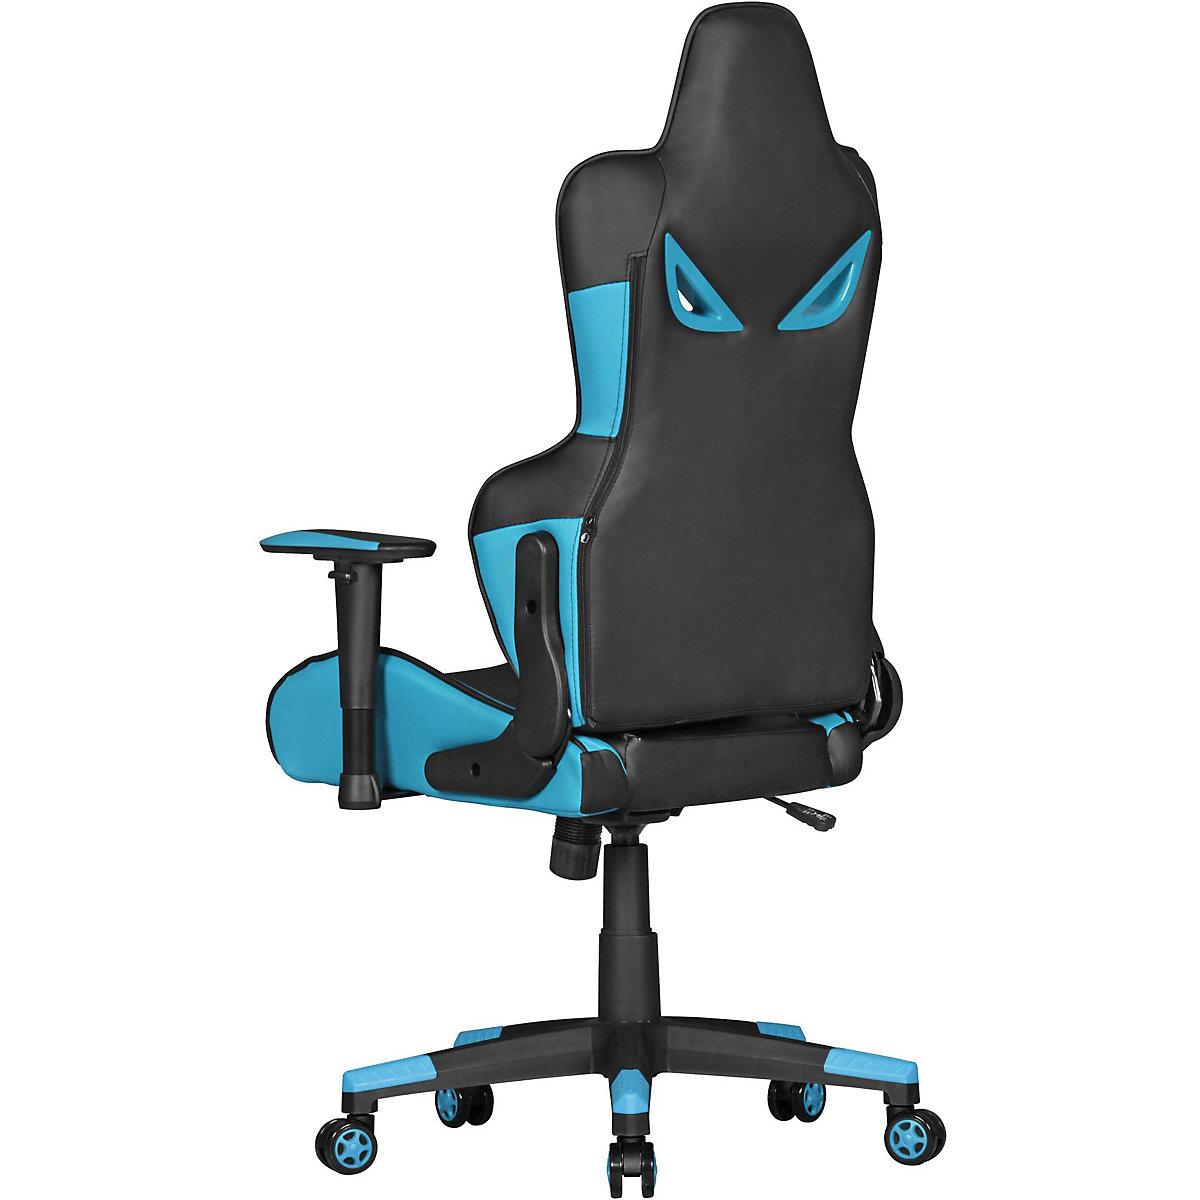 Bürostuhl Mit Liegefunktion : kunstleder b rostuhl gamer ergonomisch mit liegefunktion ~ Watch28wear.com Haus und Dekorationen